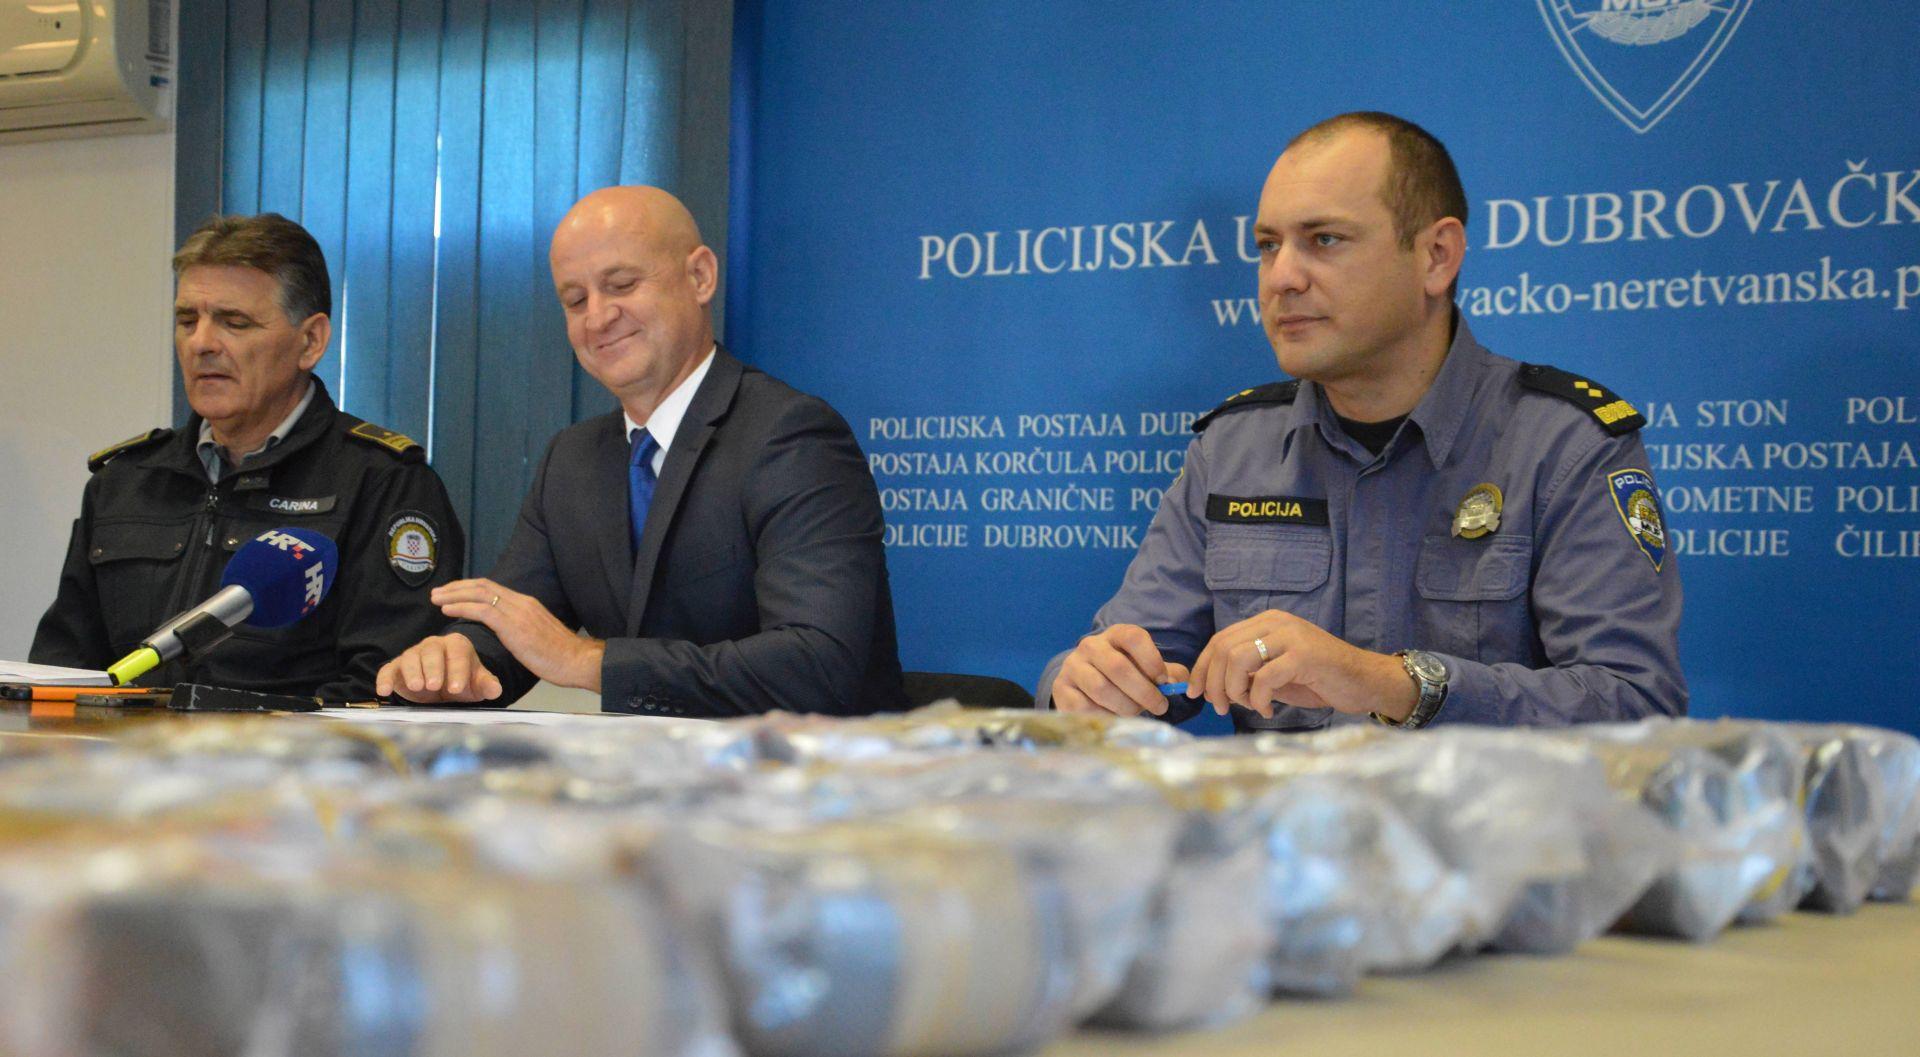 Na Karasovićima zaplijenjeno gotovo deset kilograma heroina